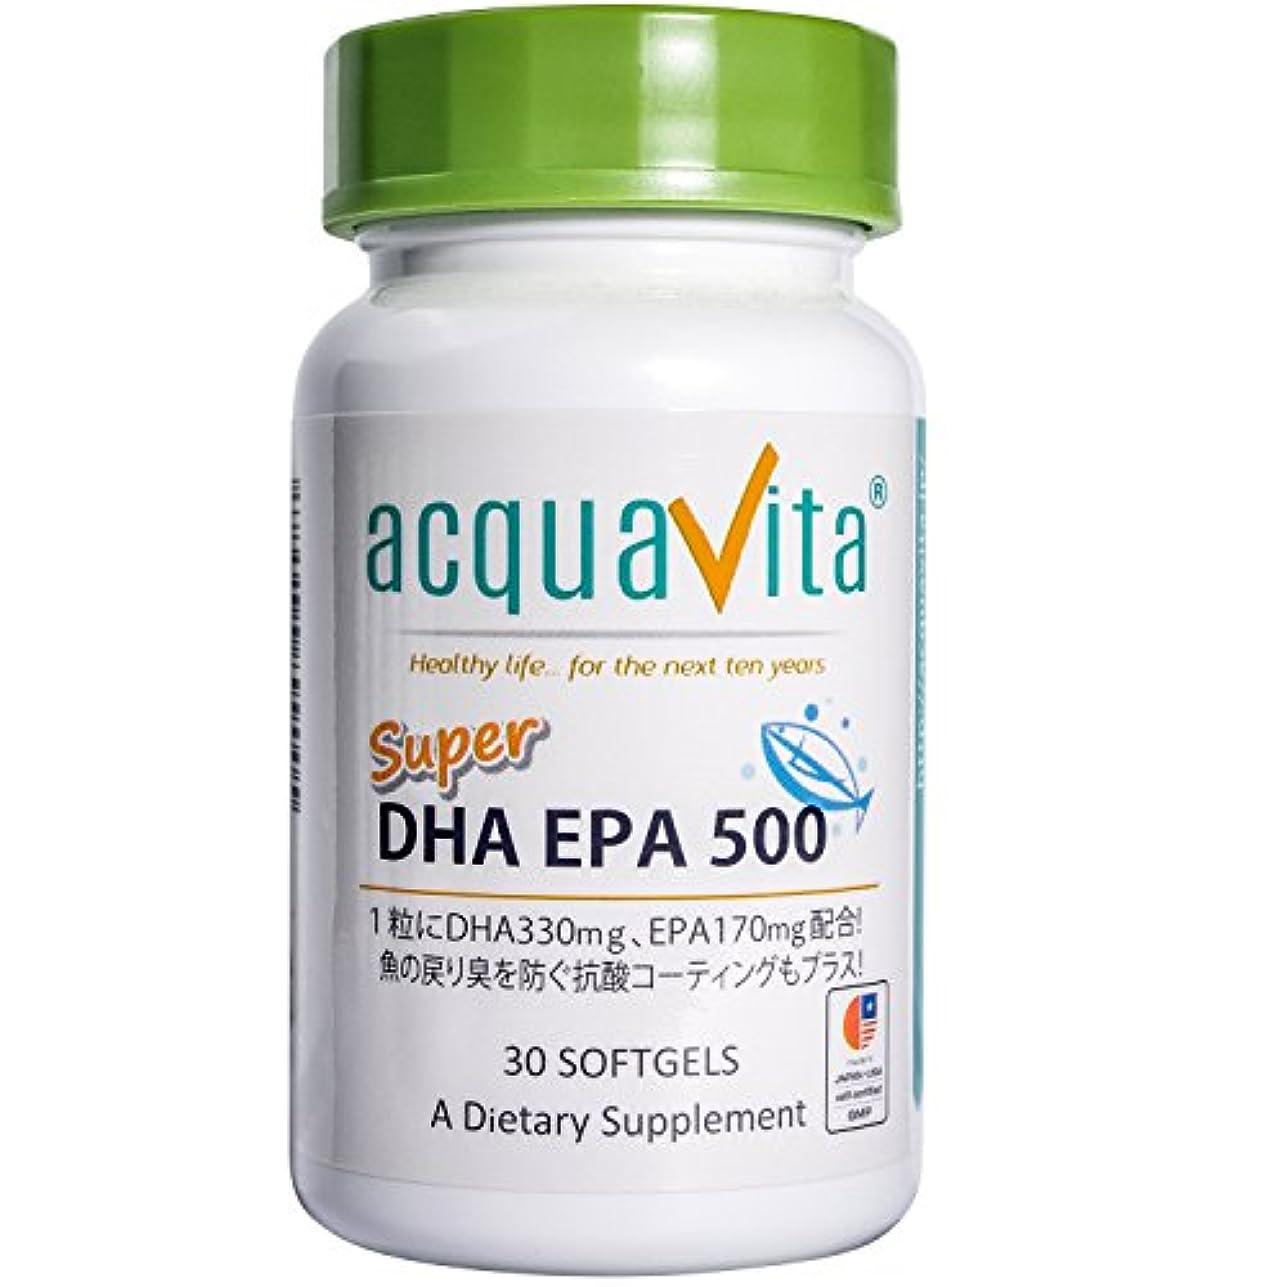 レインコート作るエトナ山acquavita(アクアヴィータ) スーパーDHAEPA500 30粒